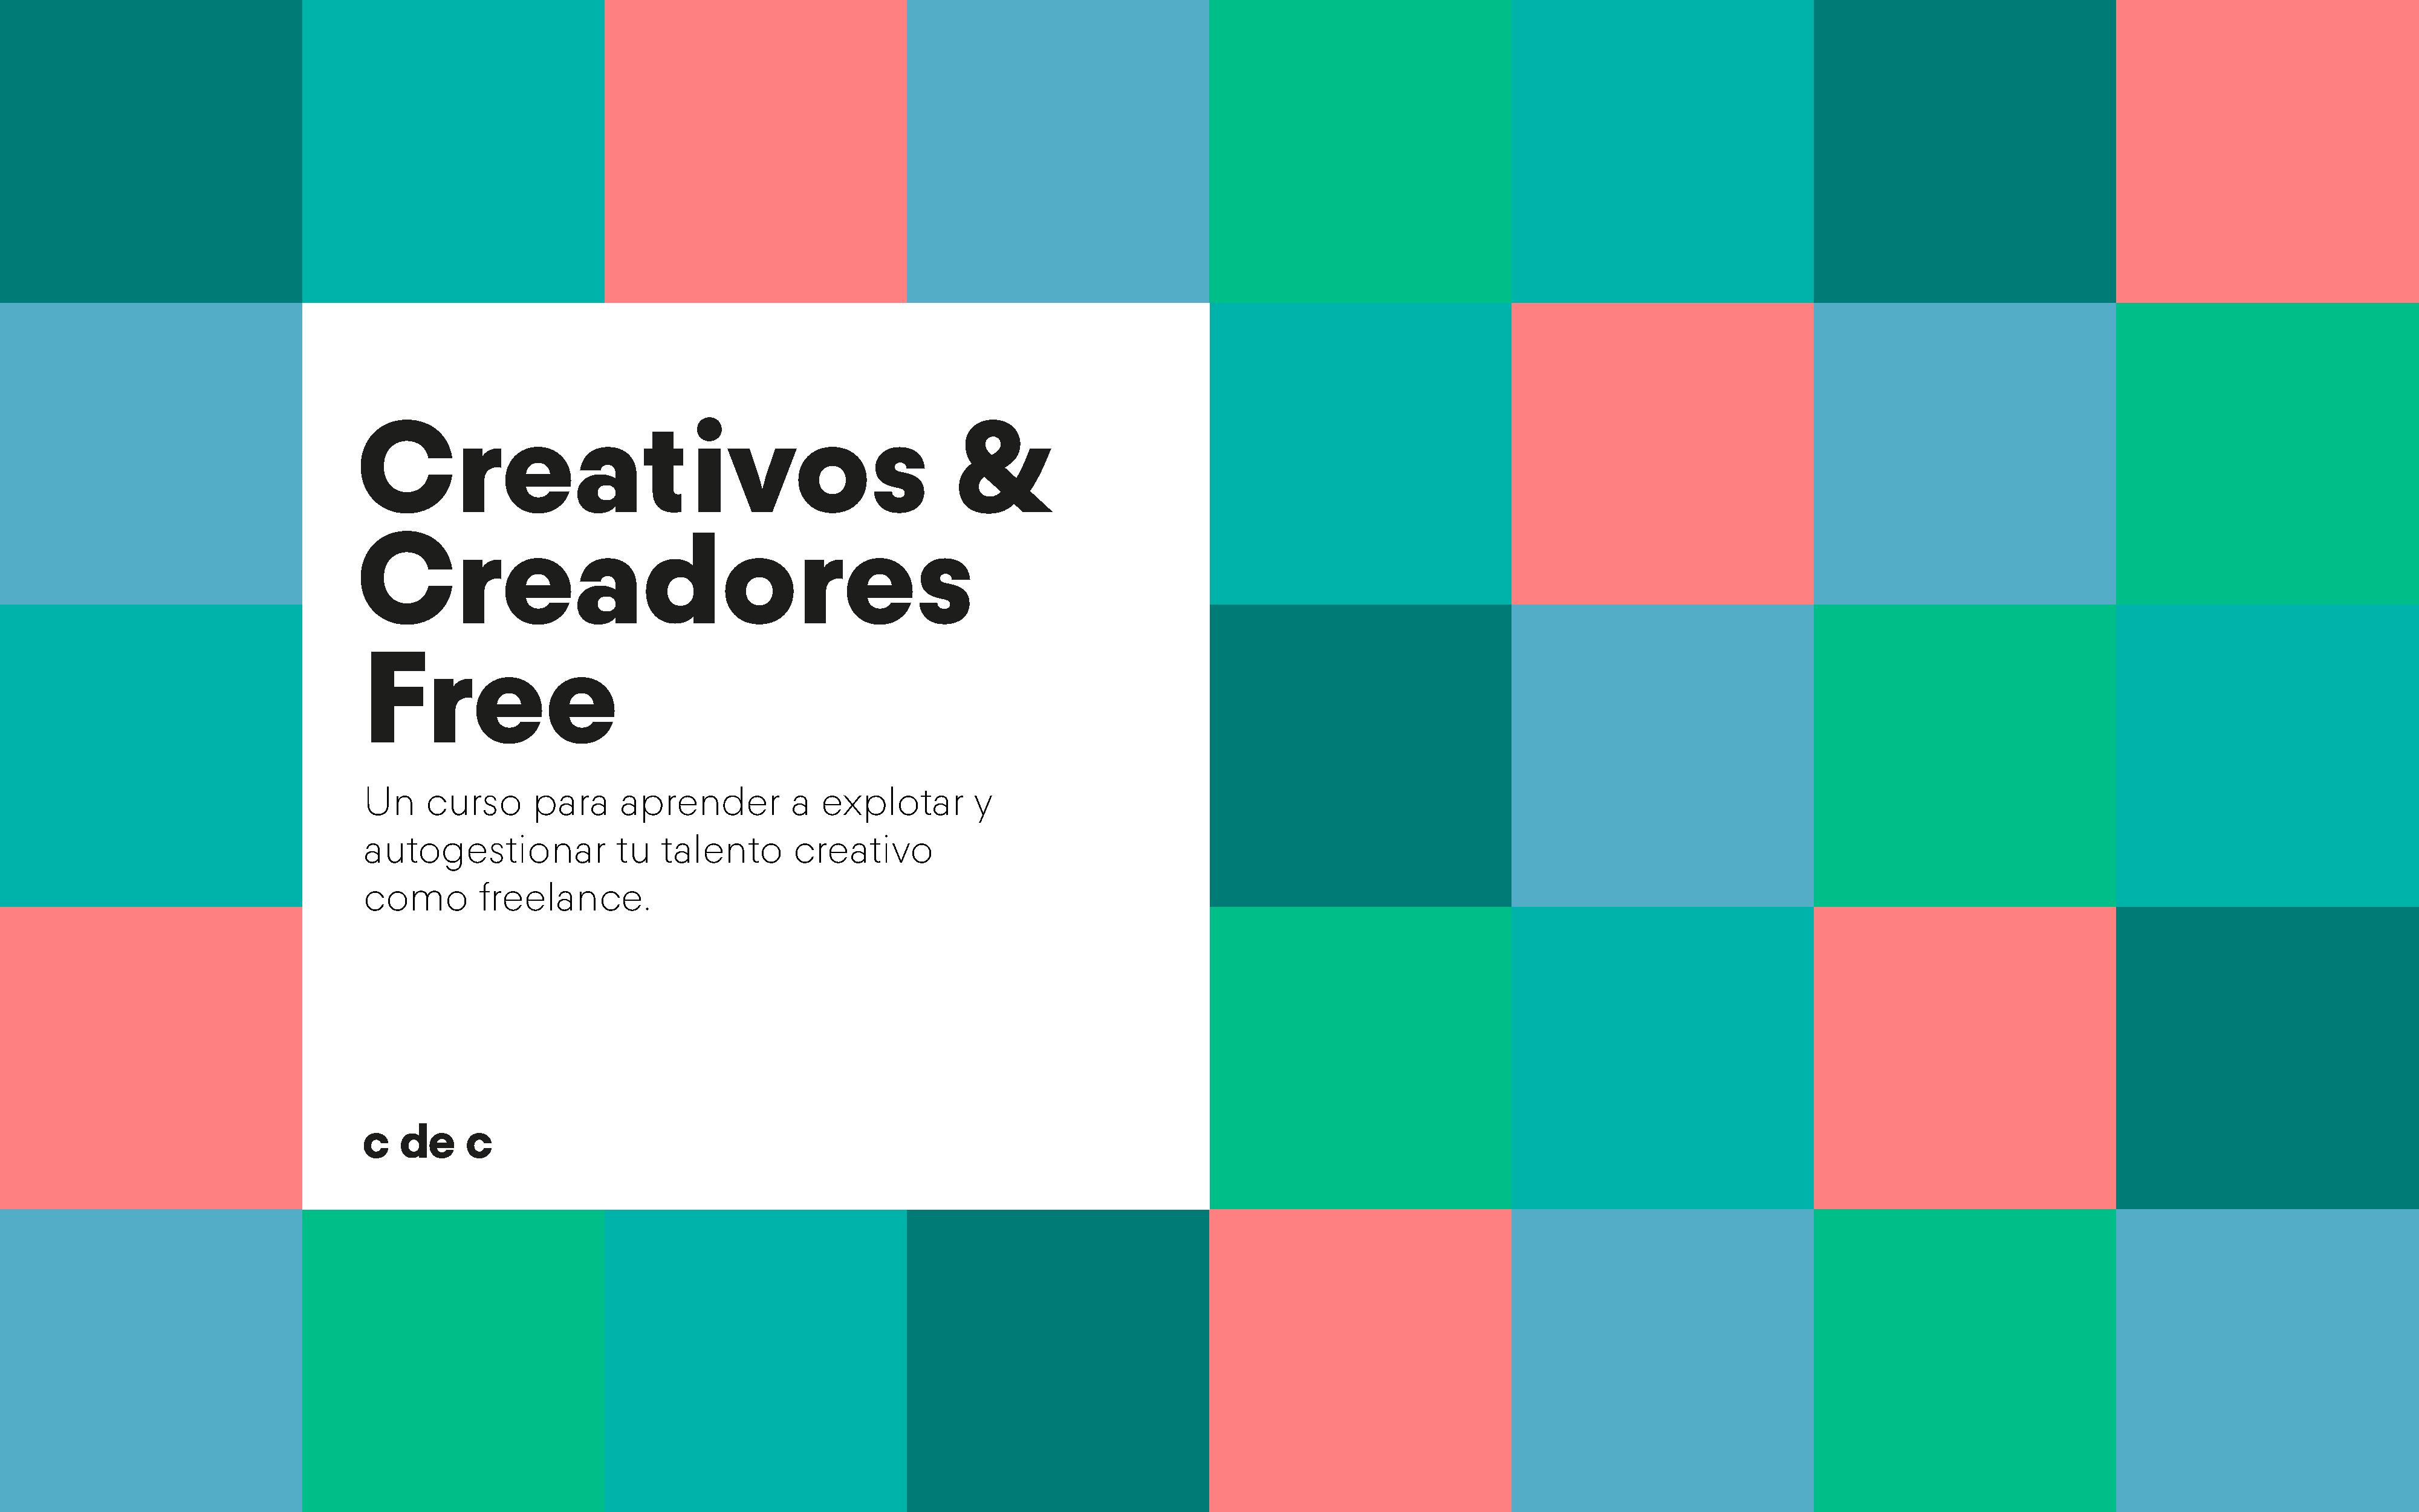 Creativos & Creadores Free.